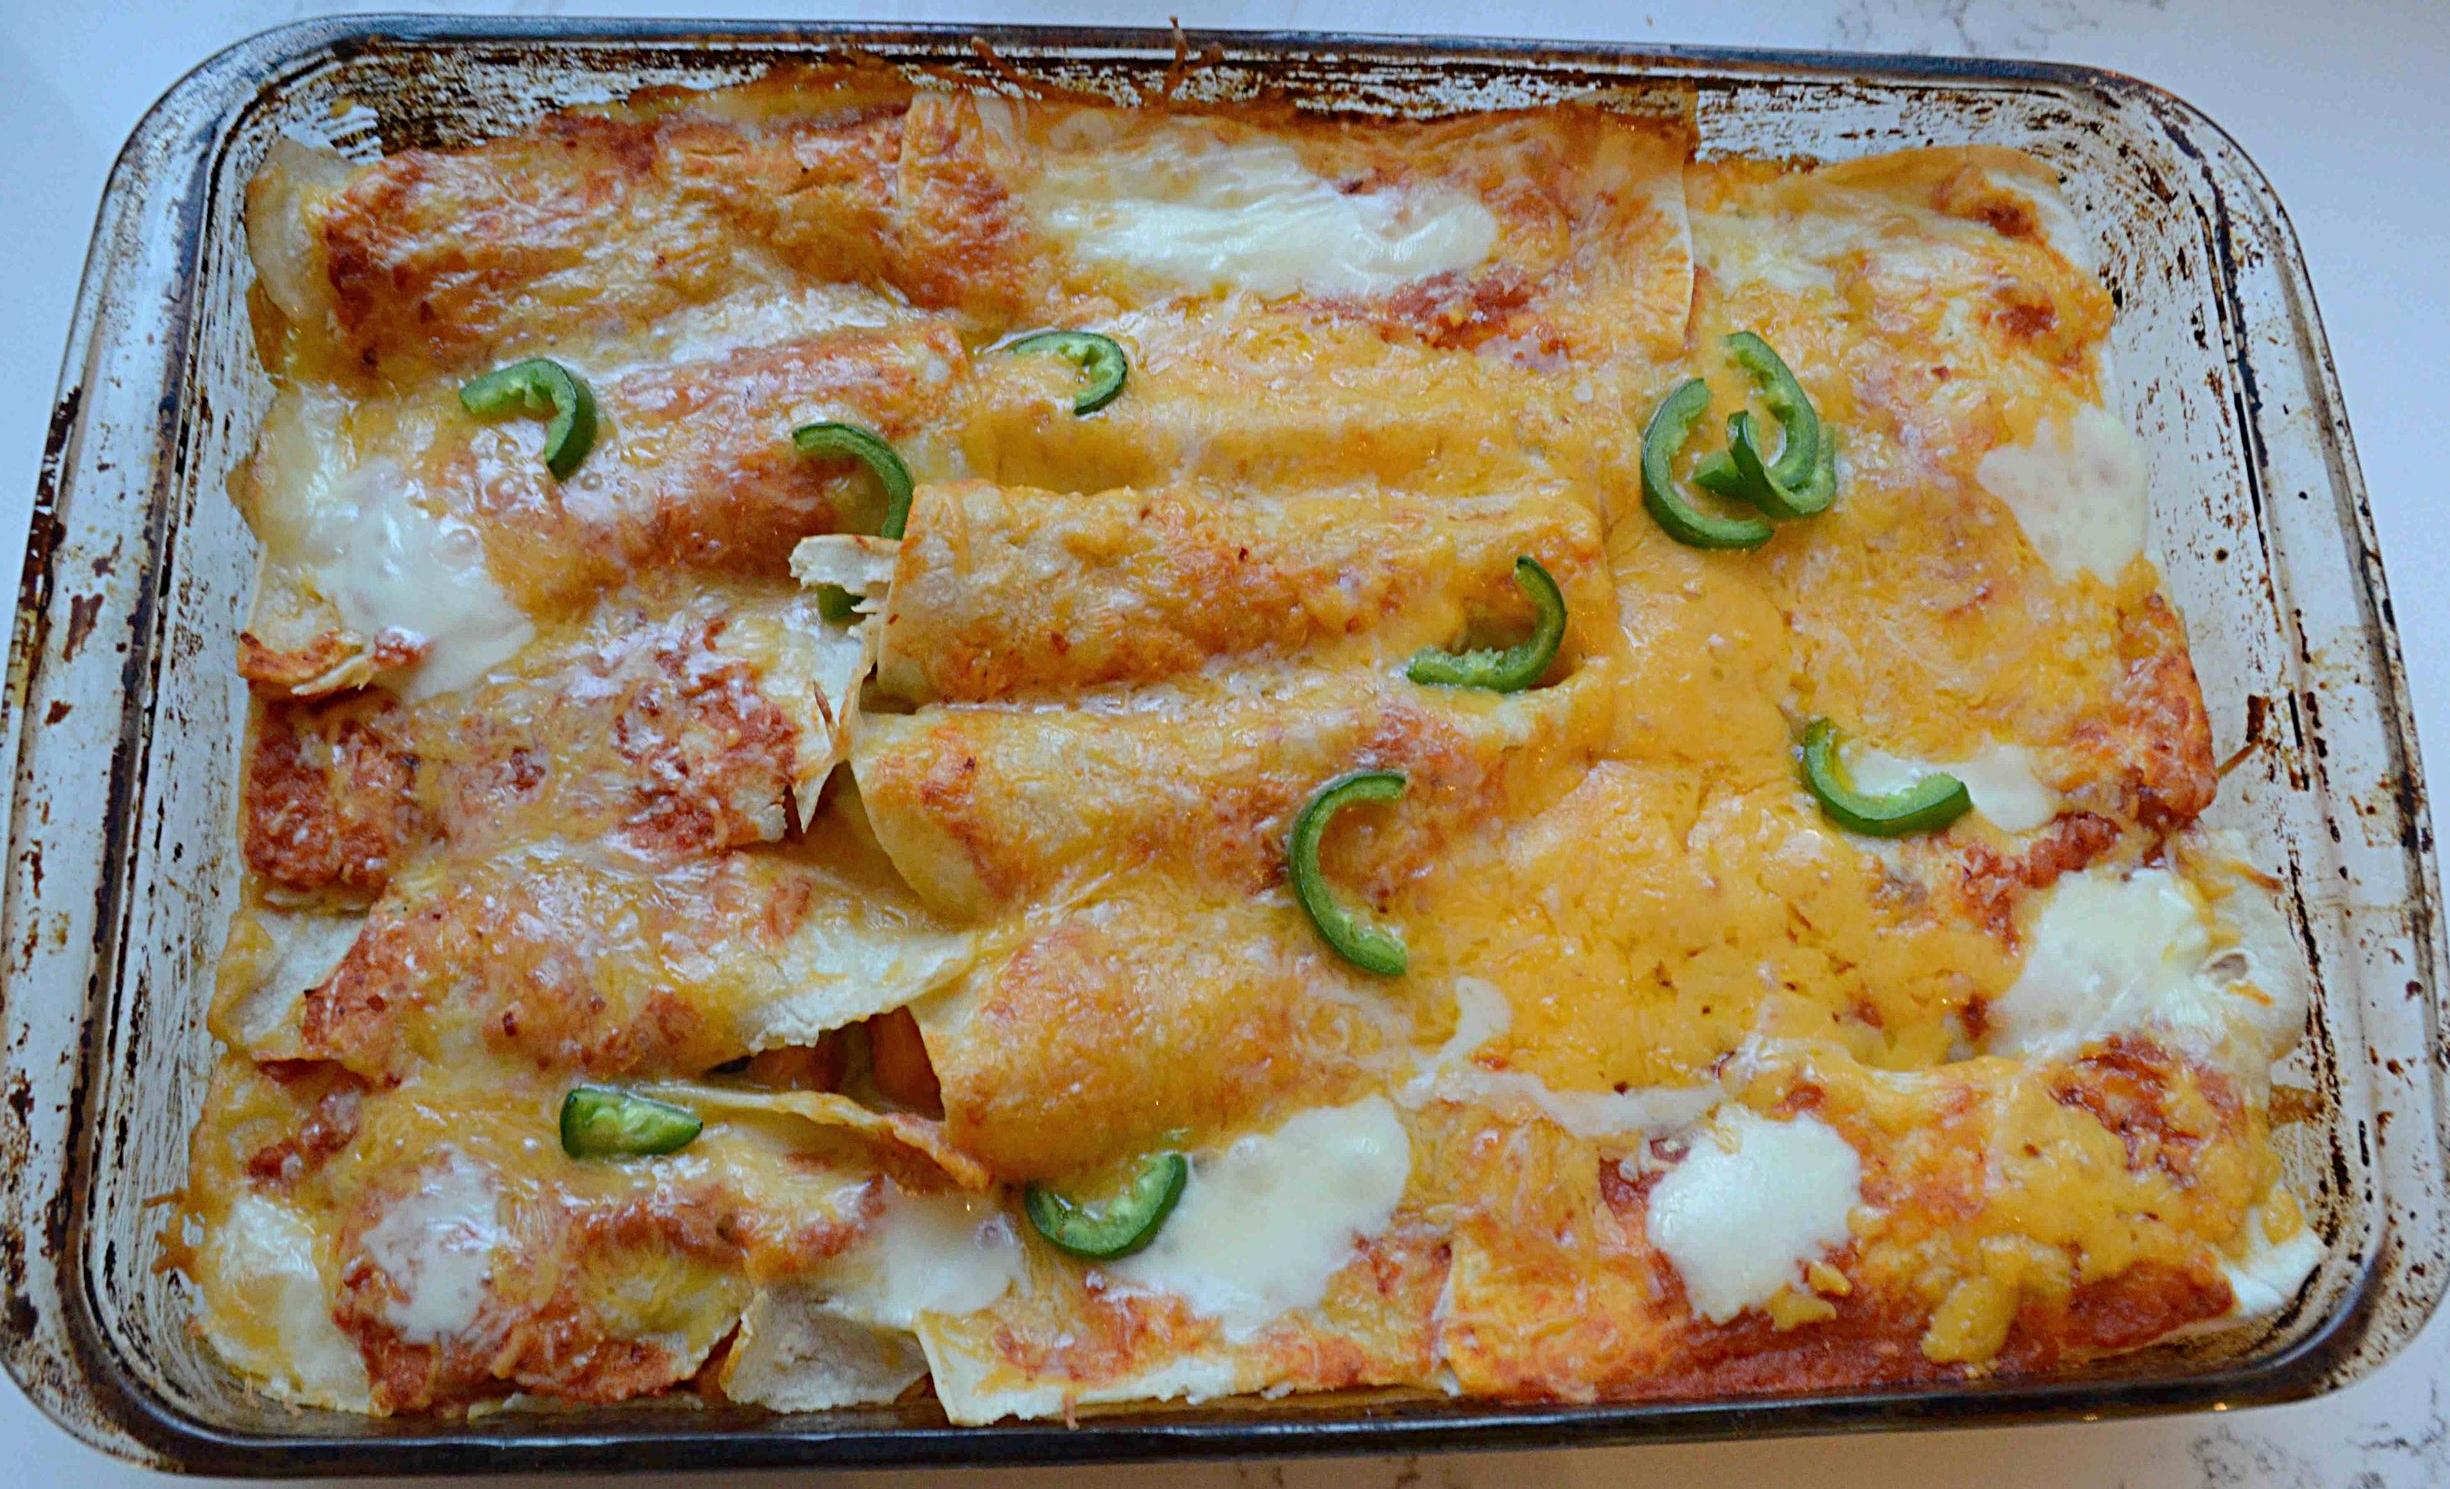 The Love and Lemons Vegetarian Enchiladas